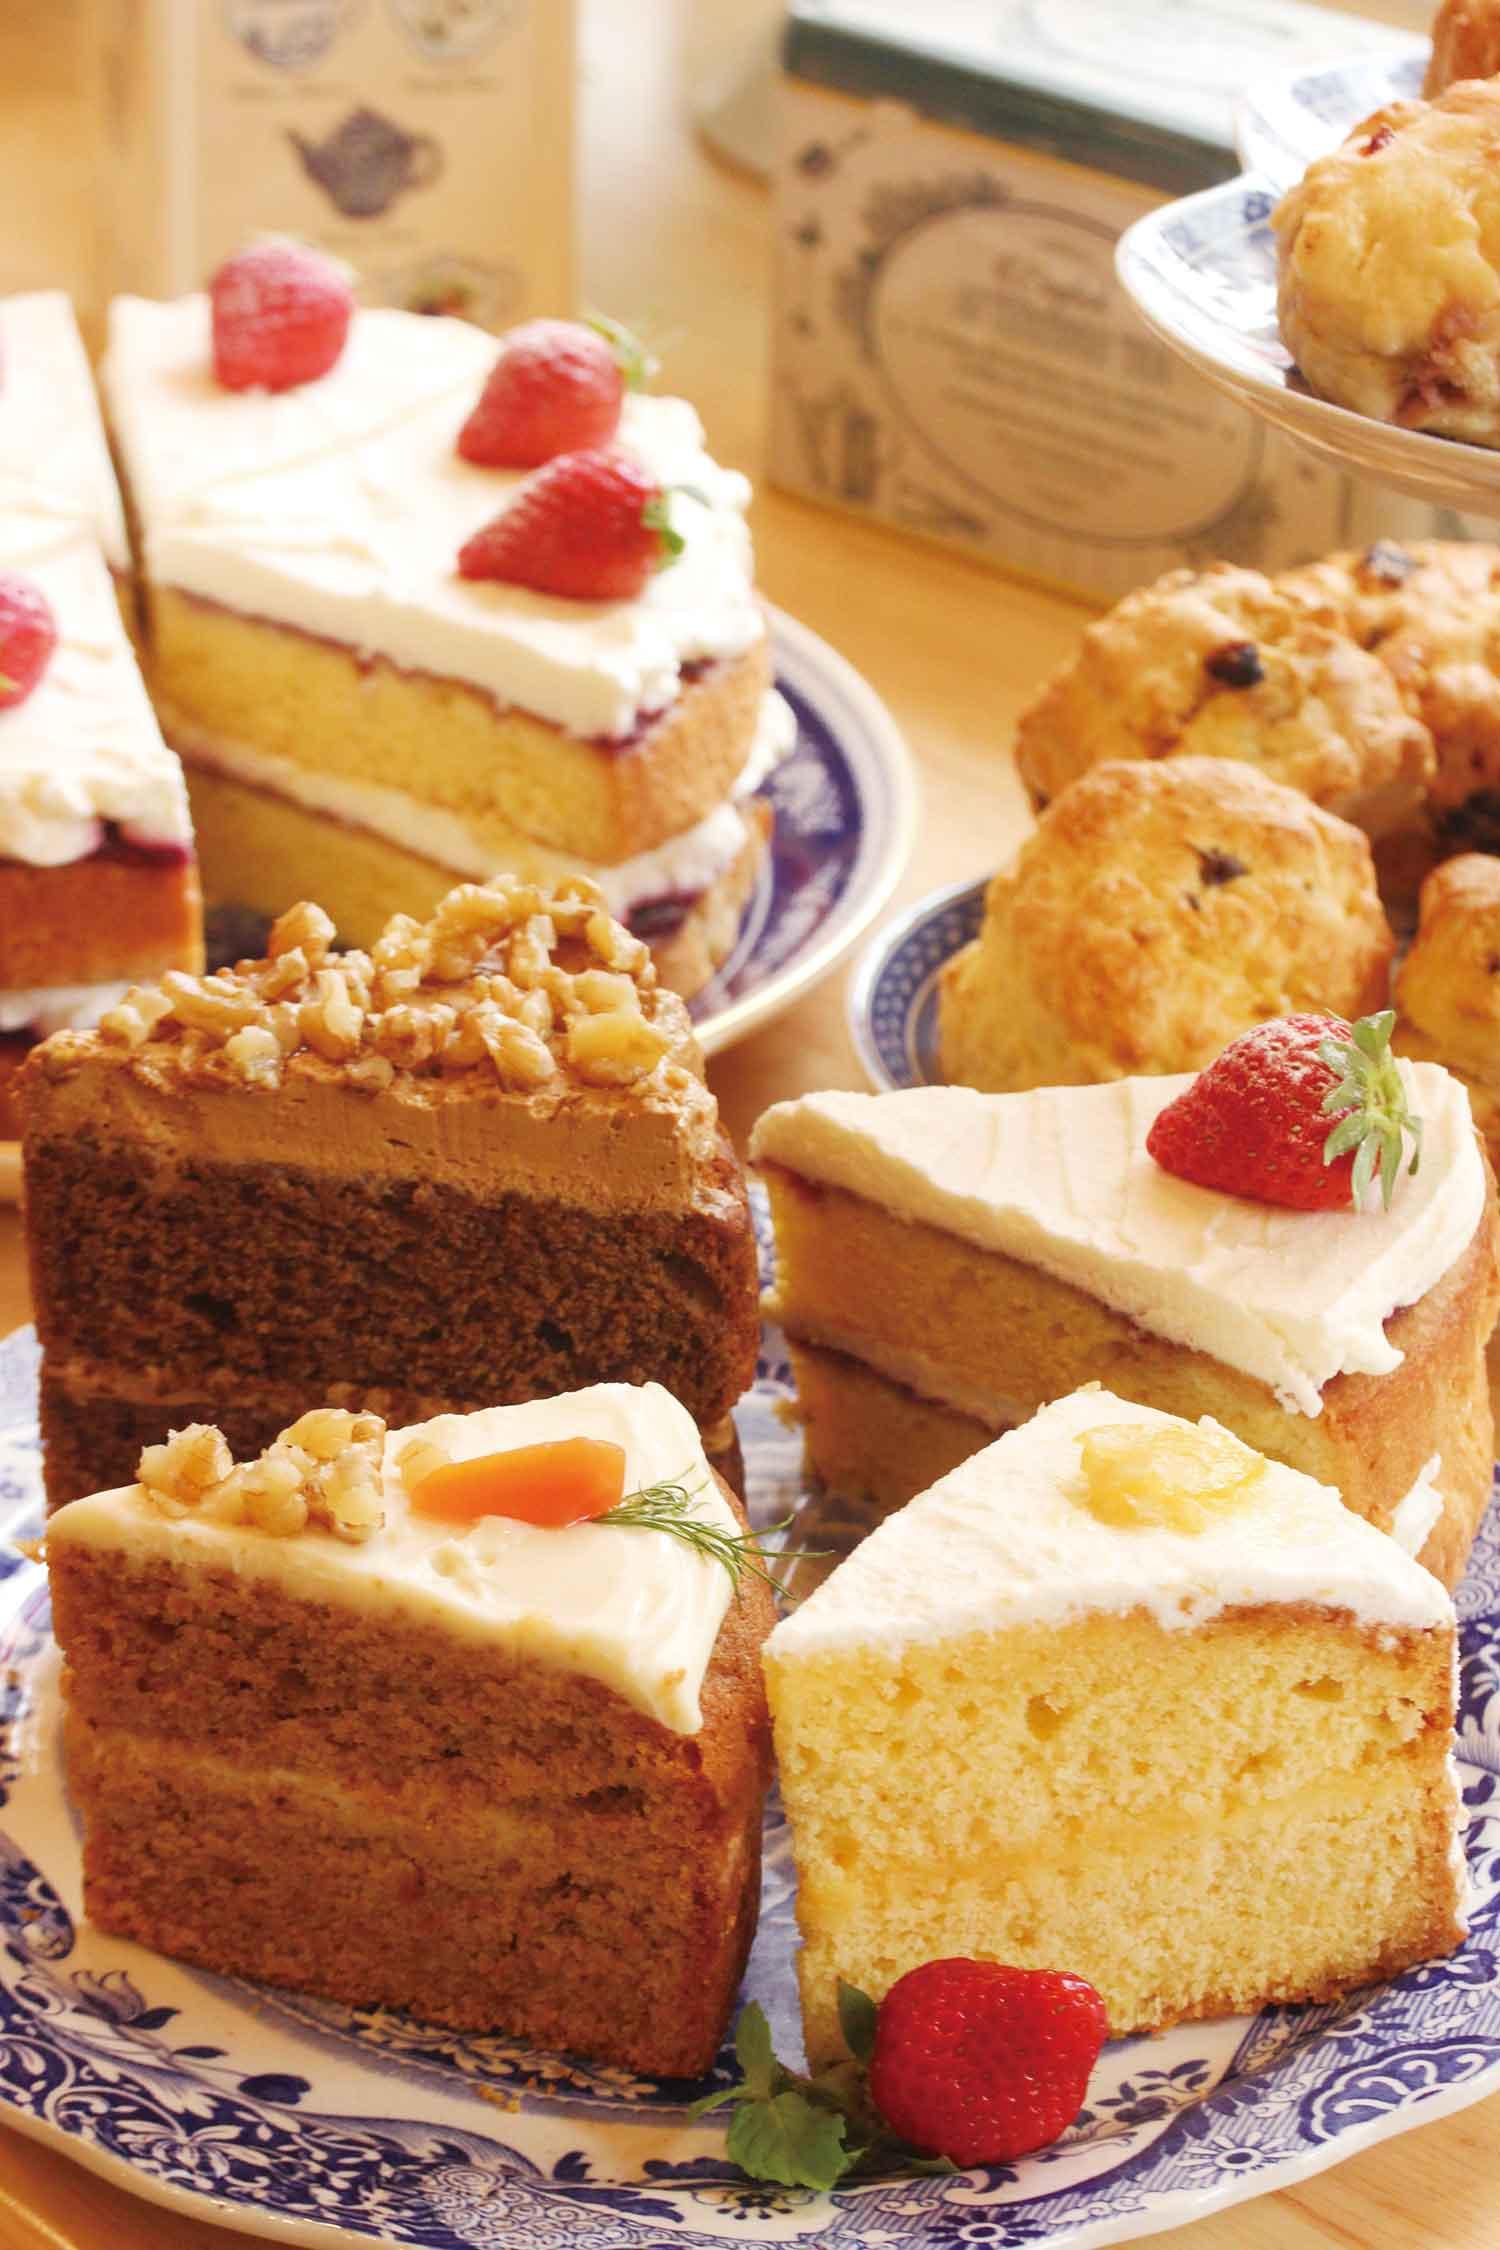 【実演】ハーブ料理研究家つちやよしこの「ハーブストーリーカフェ」のケーキ各種(1ピース)648円から